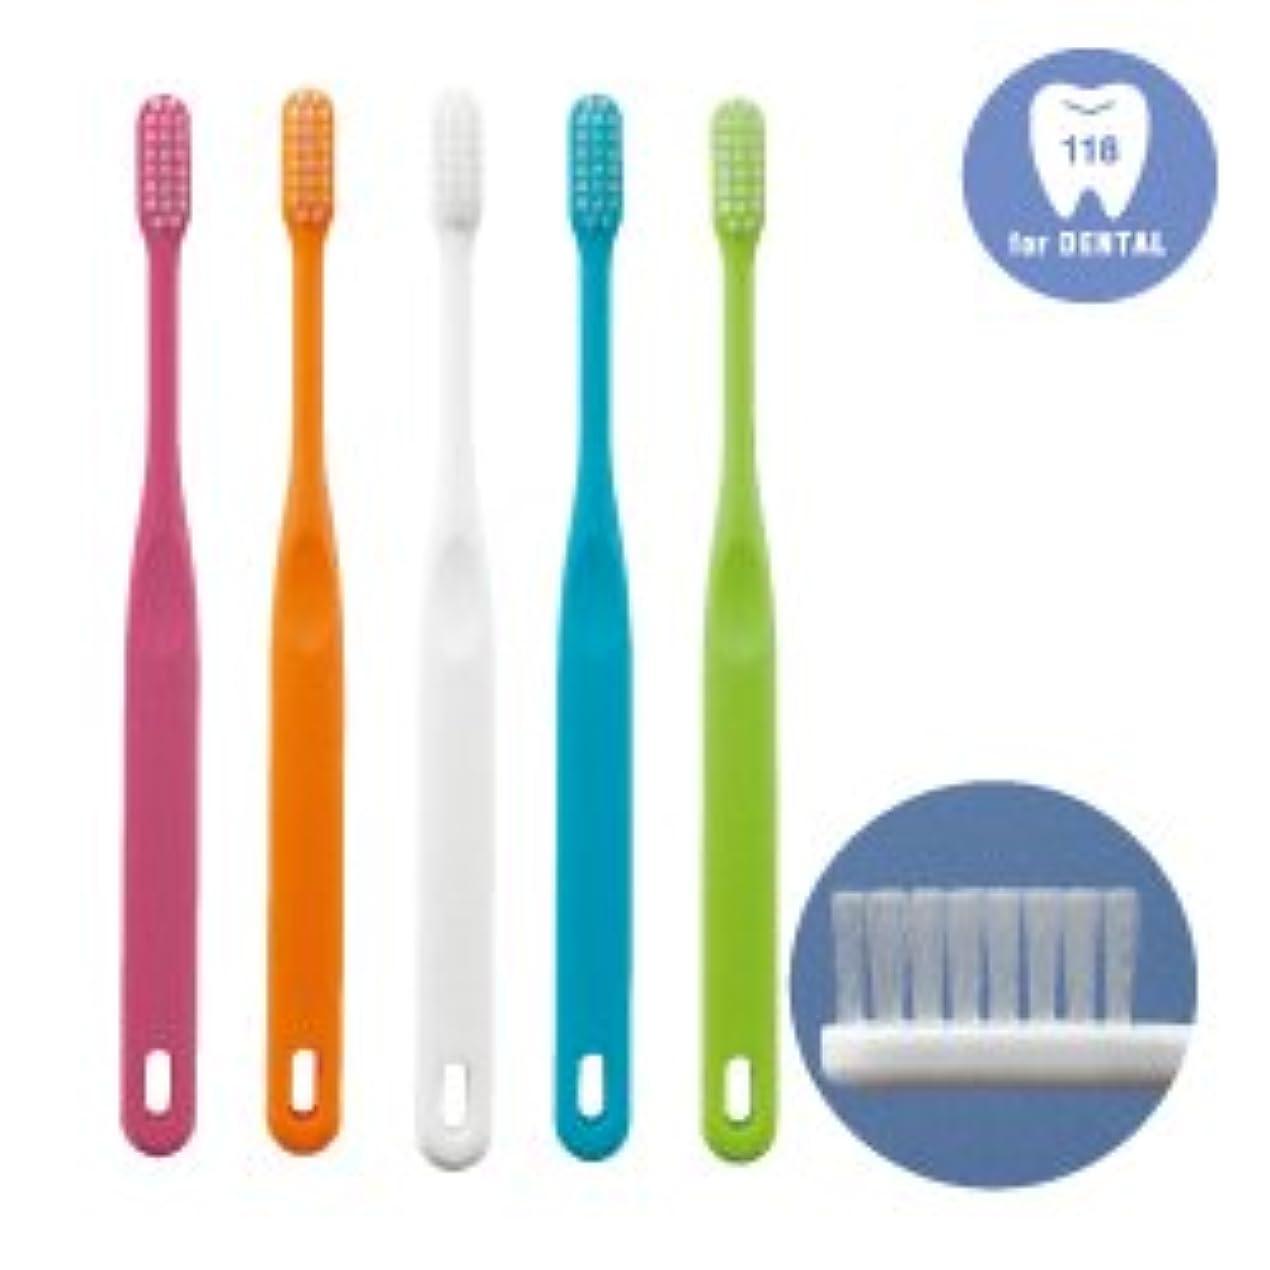 説得ふくろうクモ歯科専用歯ブラシ「118シリーズ」Advance(アドバンス)M(ふつう)25本